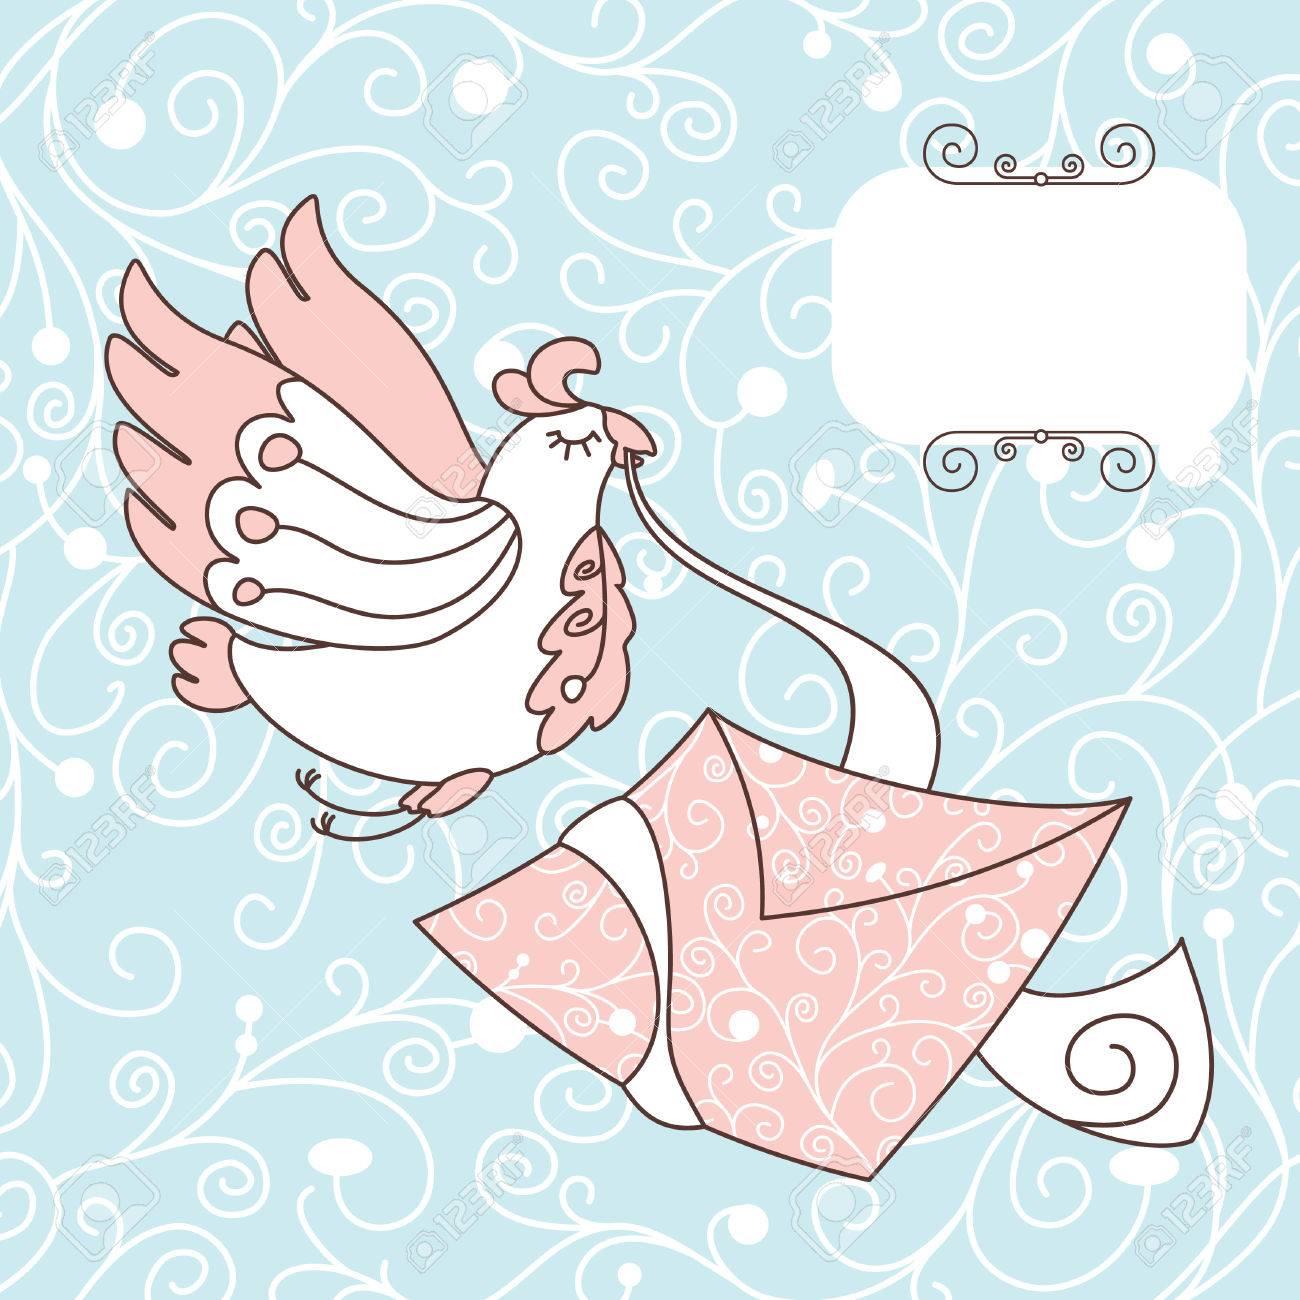 手紙イラストかわいい鳥 ロイヤリティフリークリップアート、ベクター